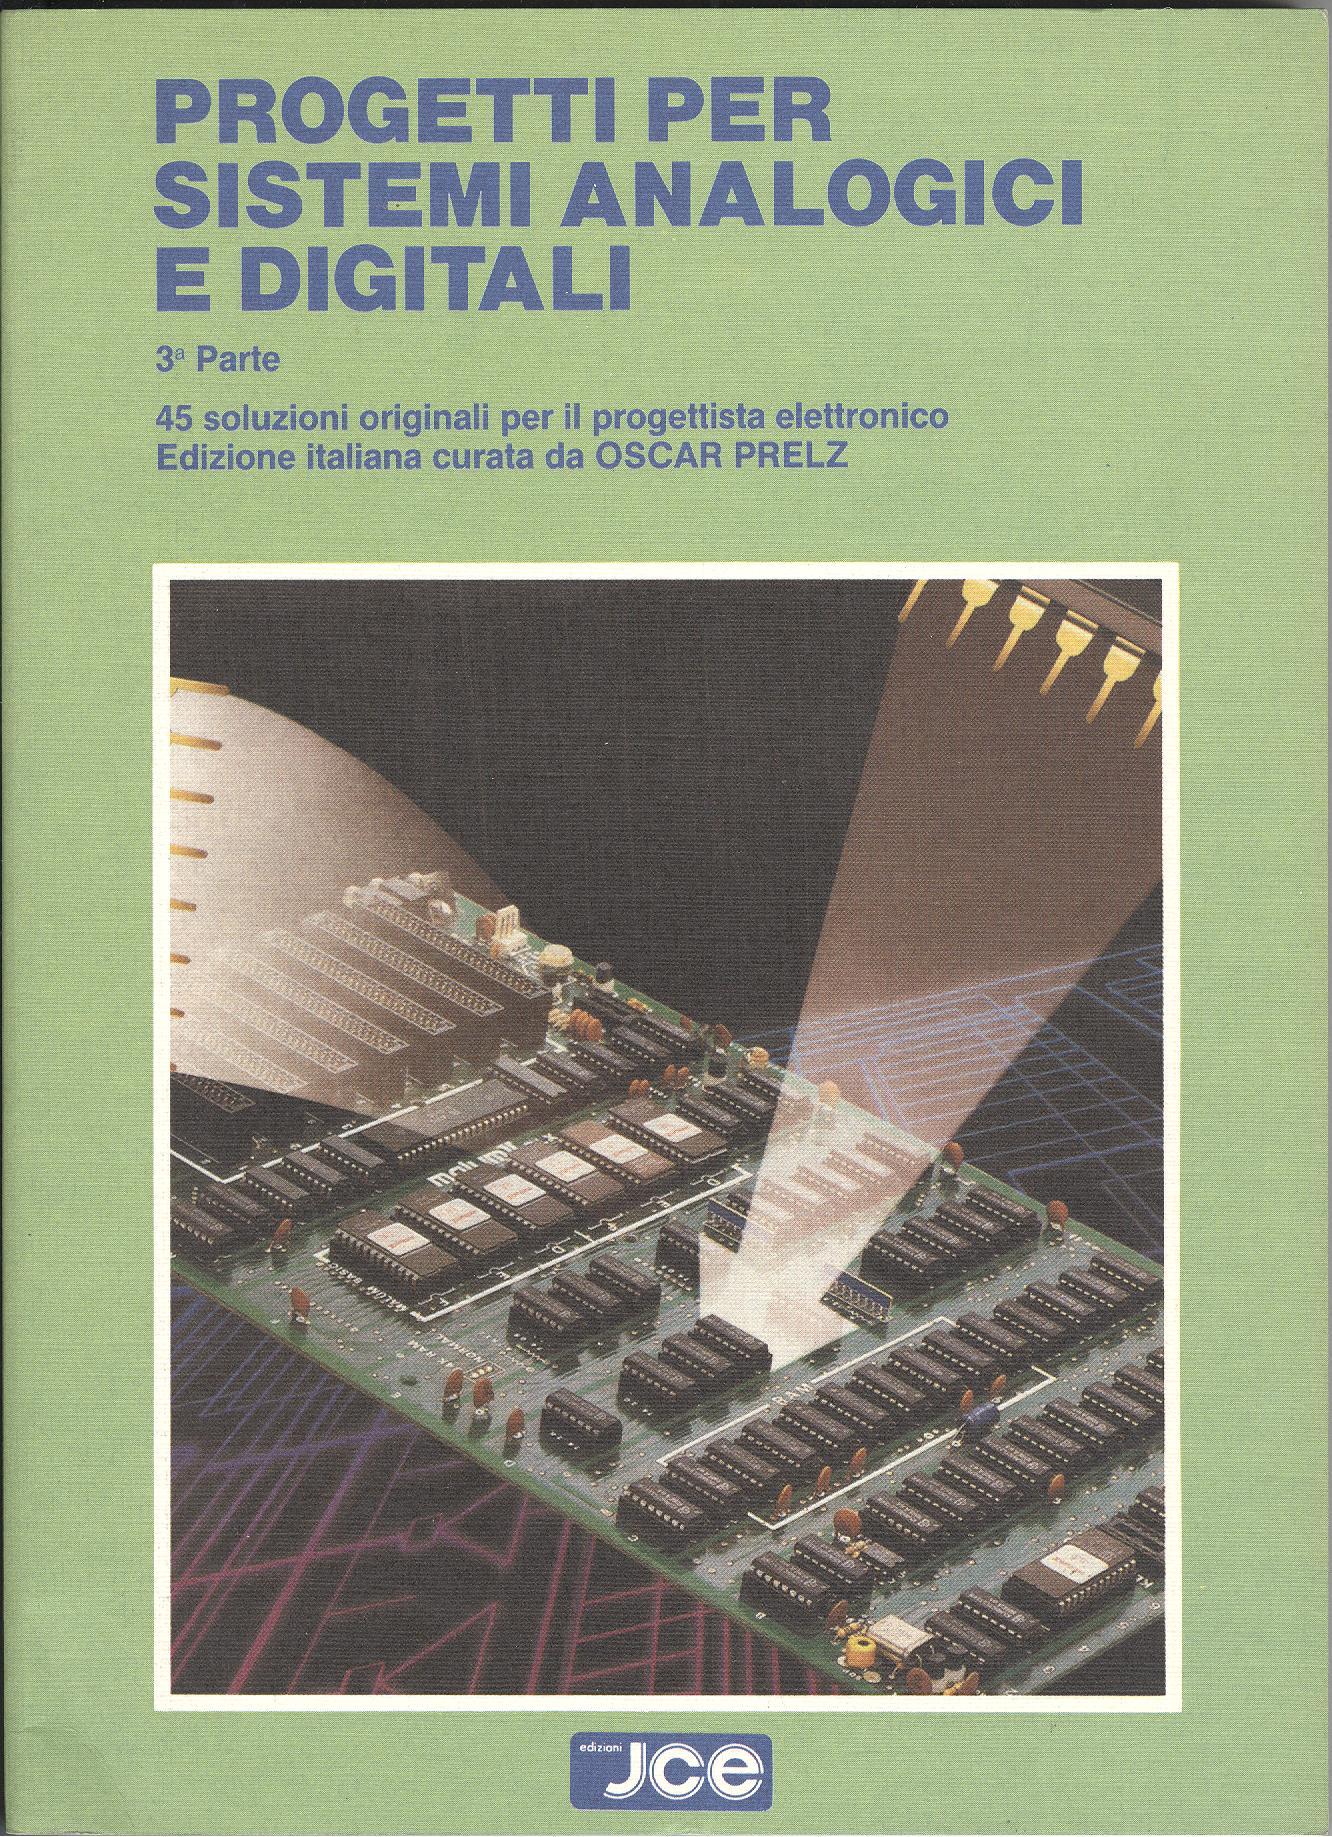 Progetti per sistemi analogici e digitali - 3.a parte